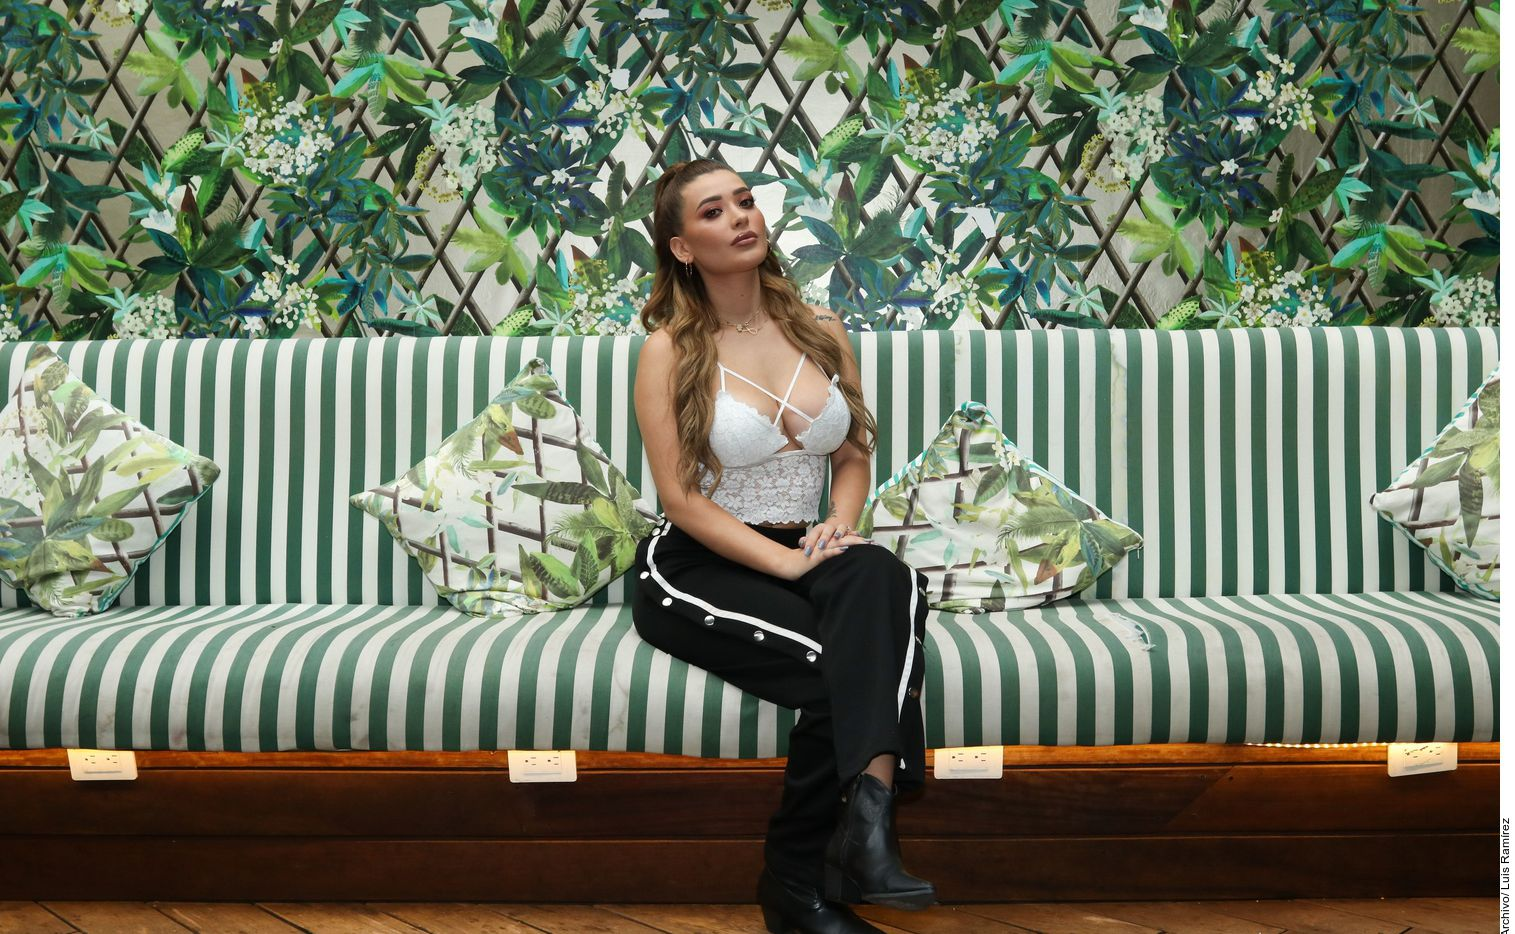 En la imagen que circula por internet se puede leer un comunicado en el cual aseguran que la integrante del reality show Acapulco Shore Brenda Zambrano acaba de fallecer.